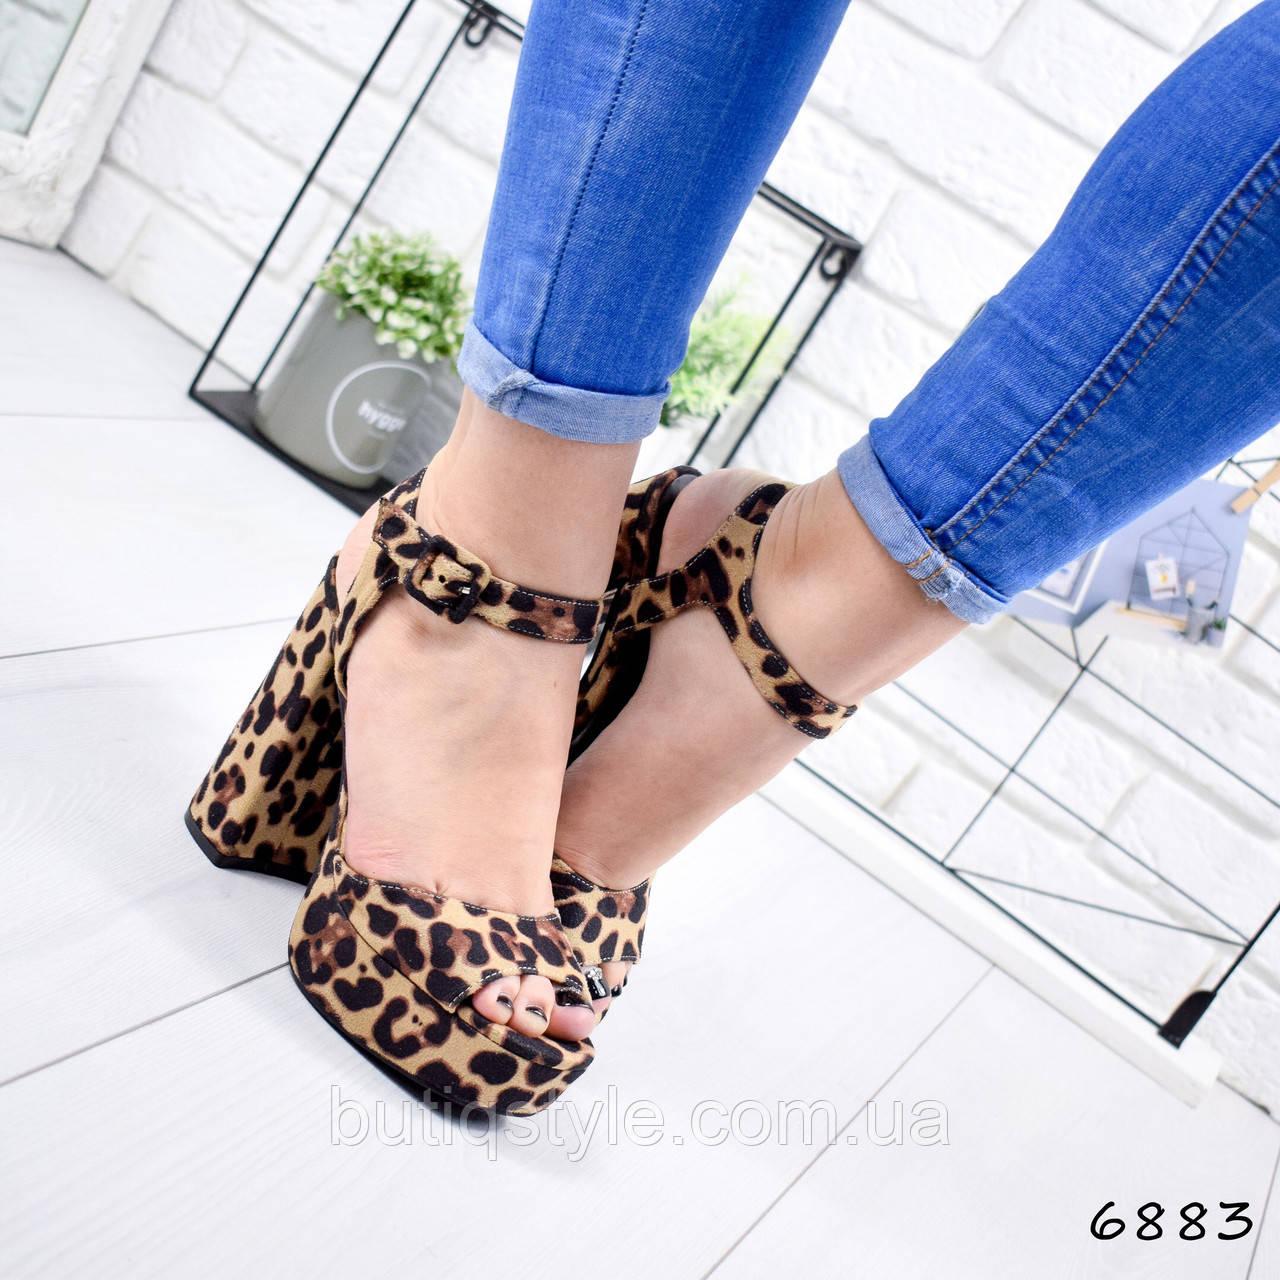 38 розмір Босоніжки жіночі леопард на платформі + каблук еко-замша 2019